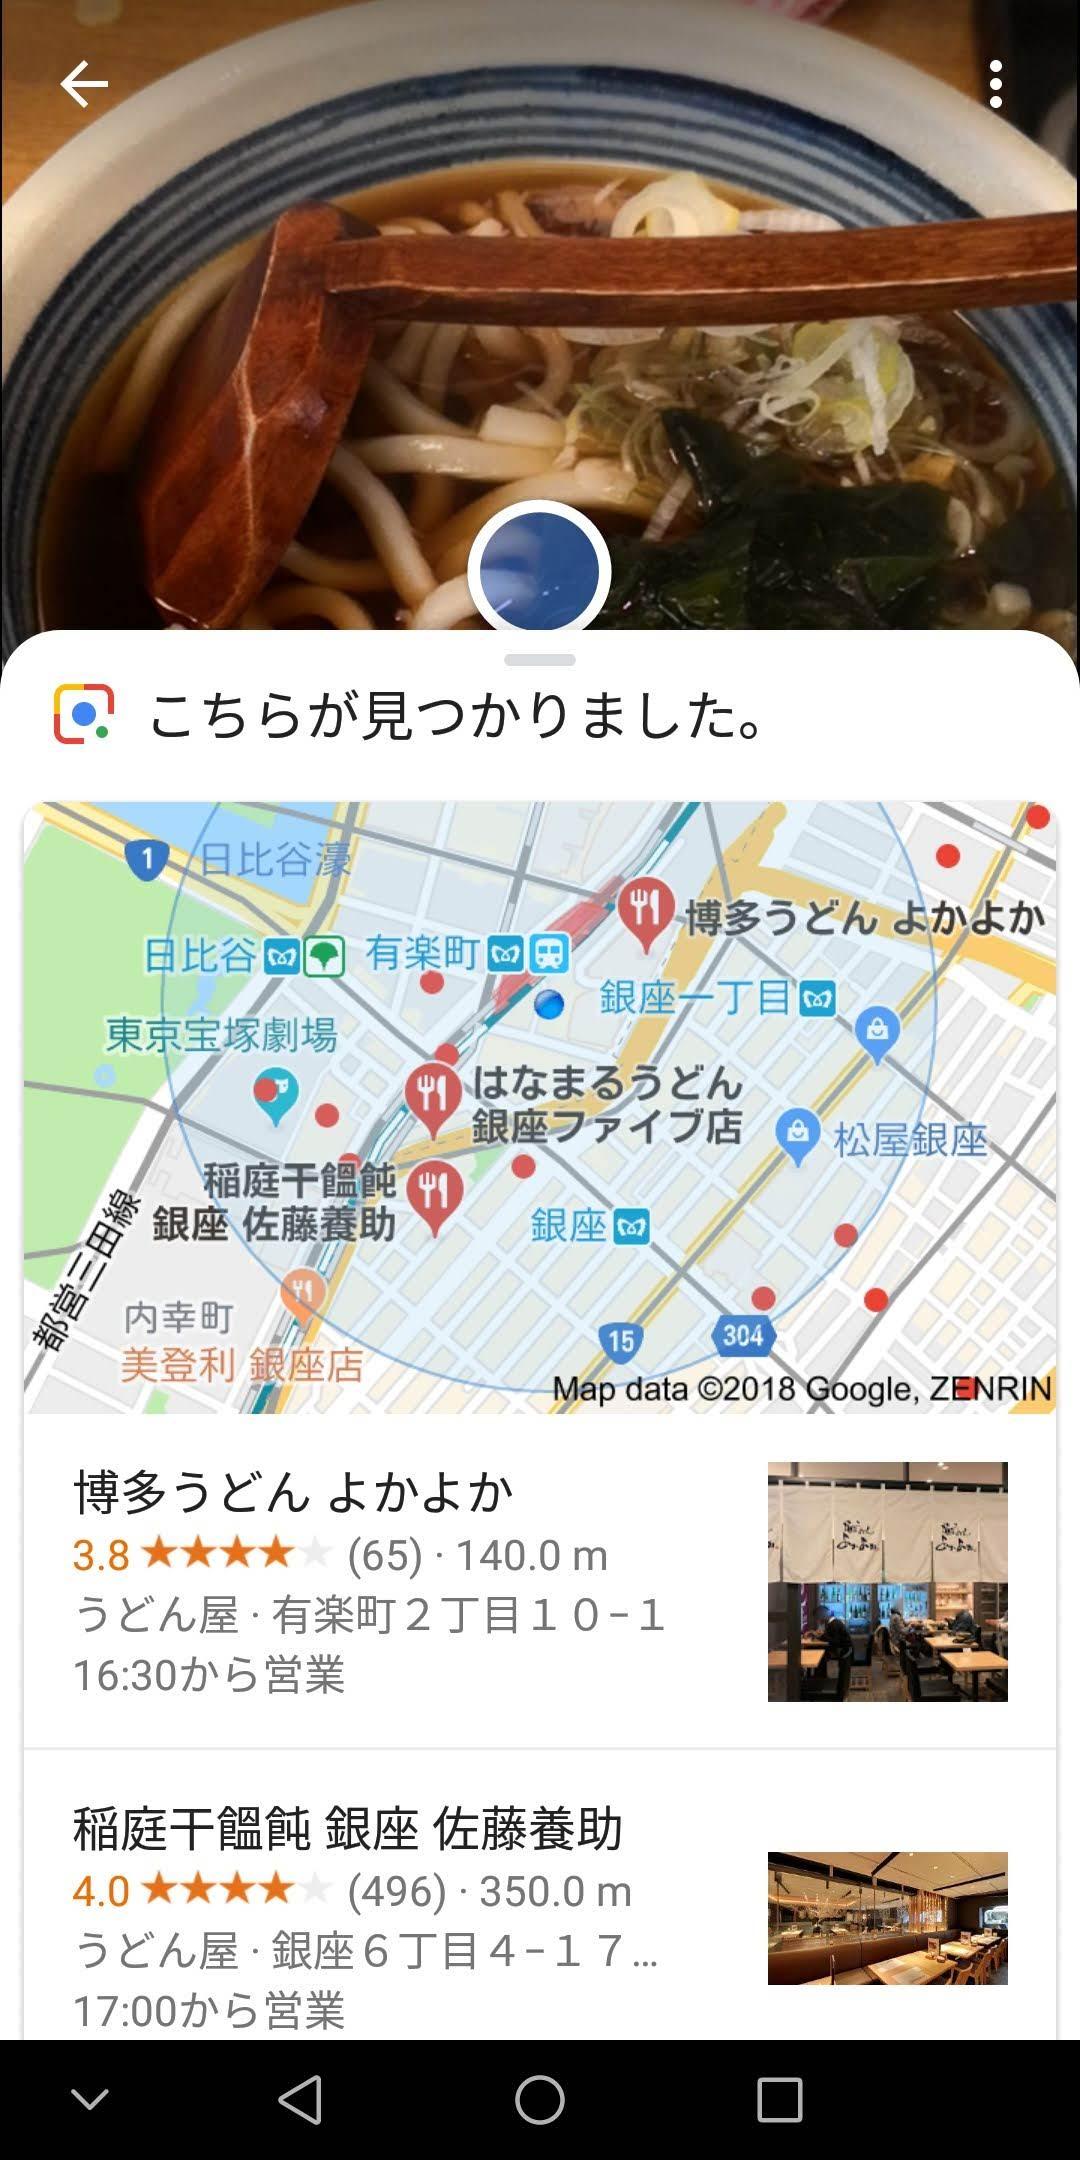 アプリ「Googleレンズ」の使用画面①